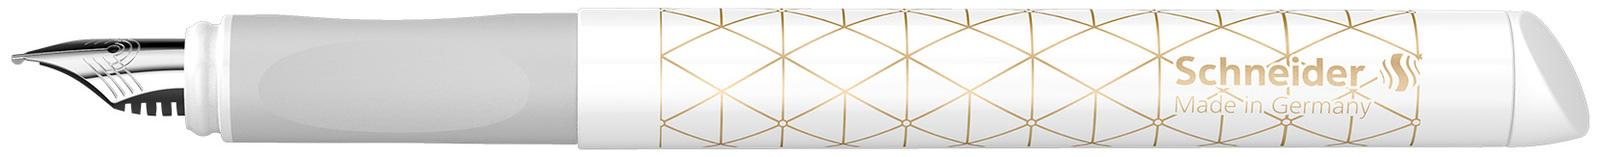 Schneider: Easy Fountain Pen Grip - Gold image